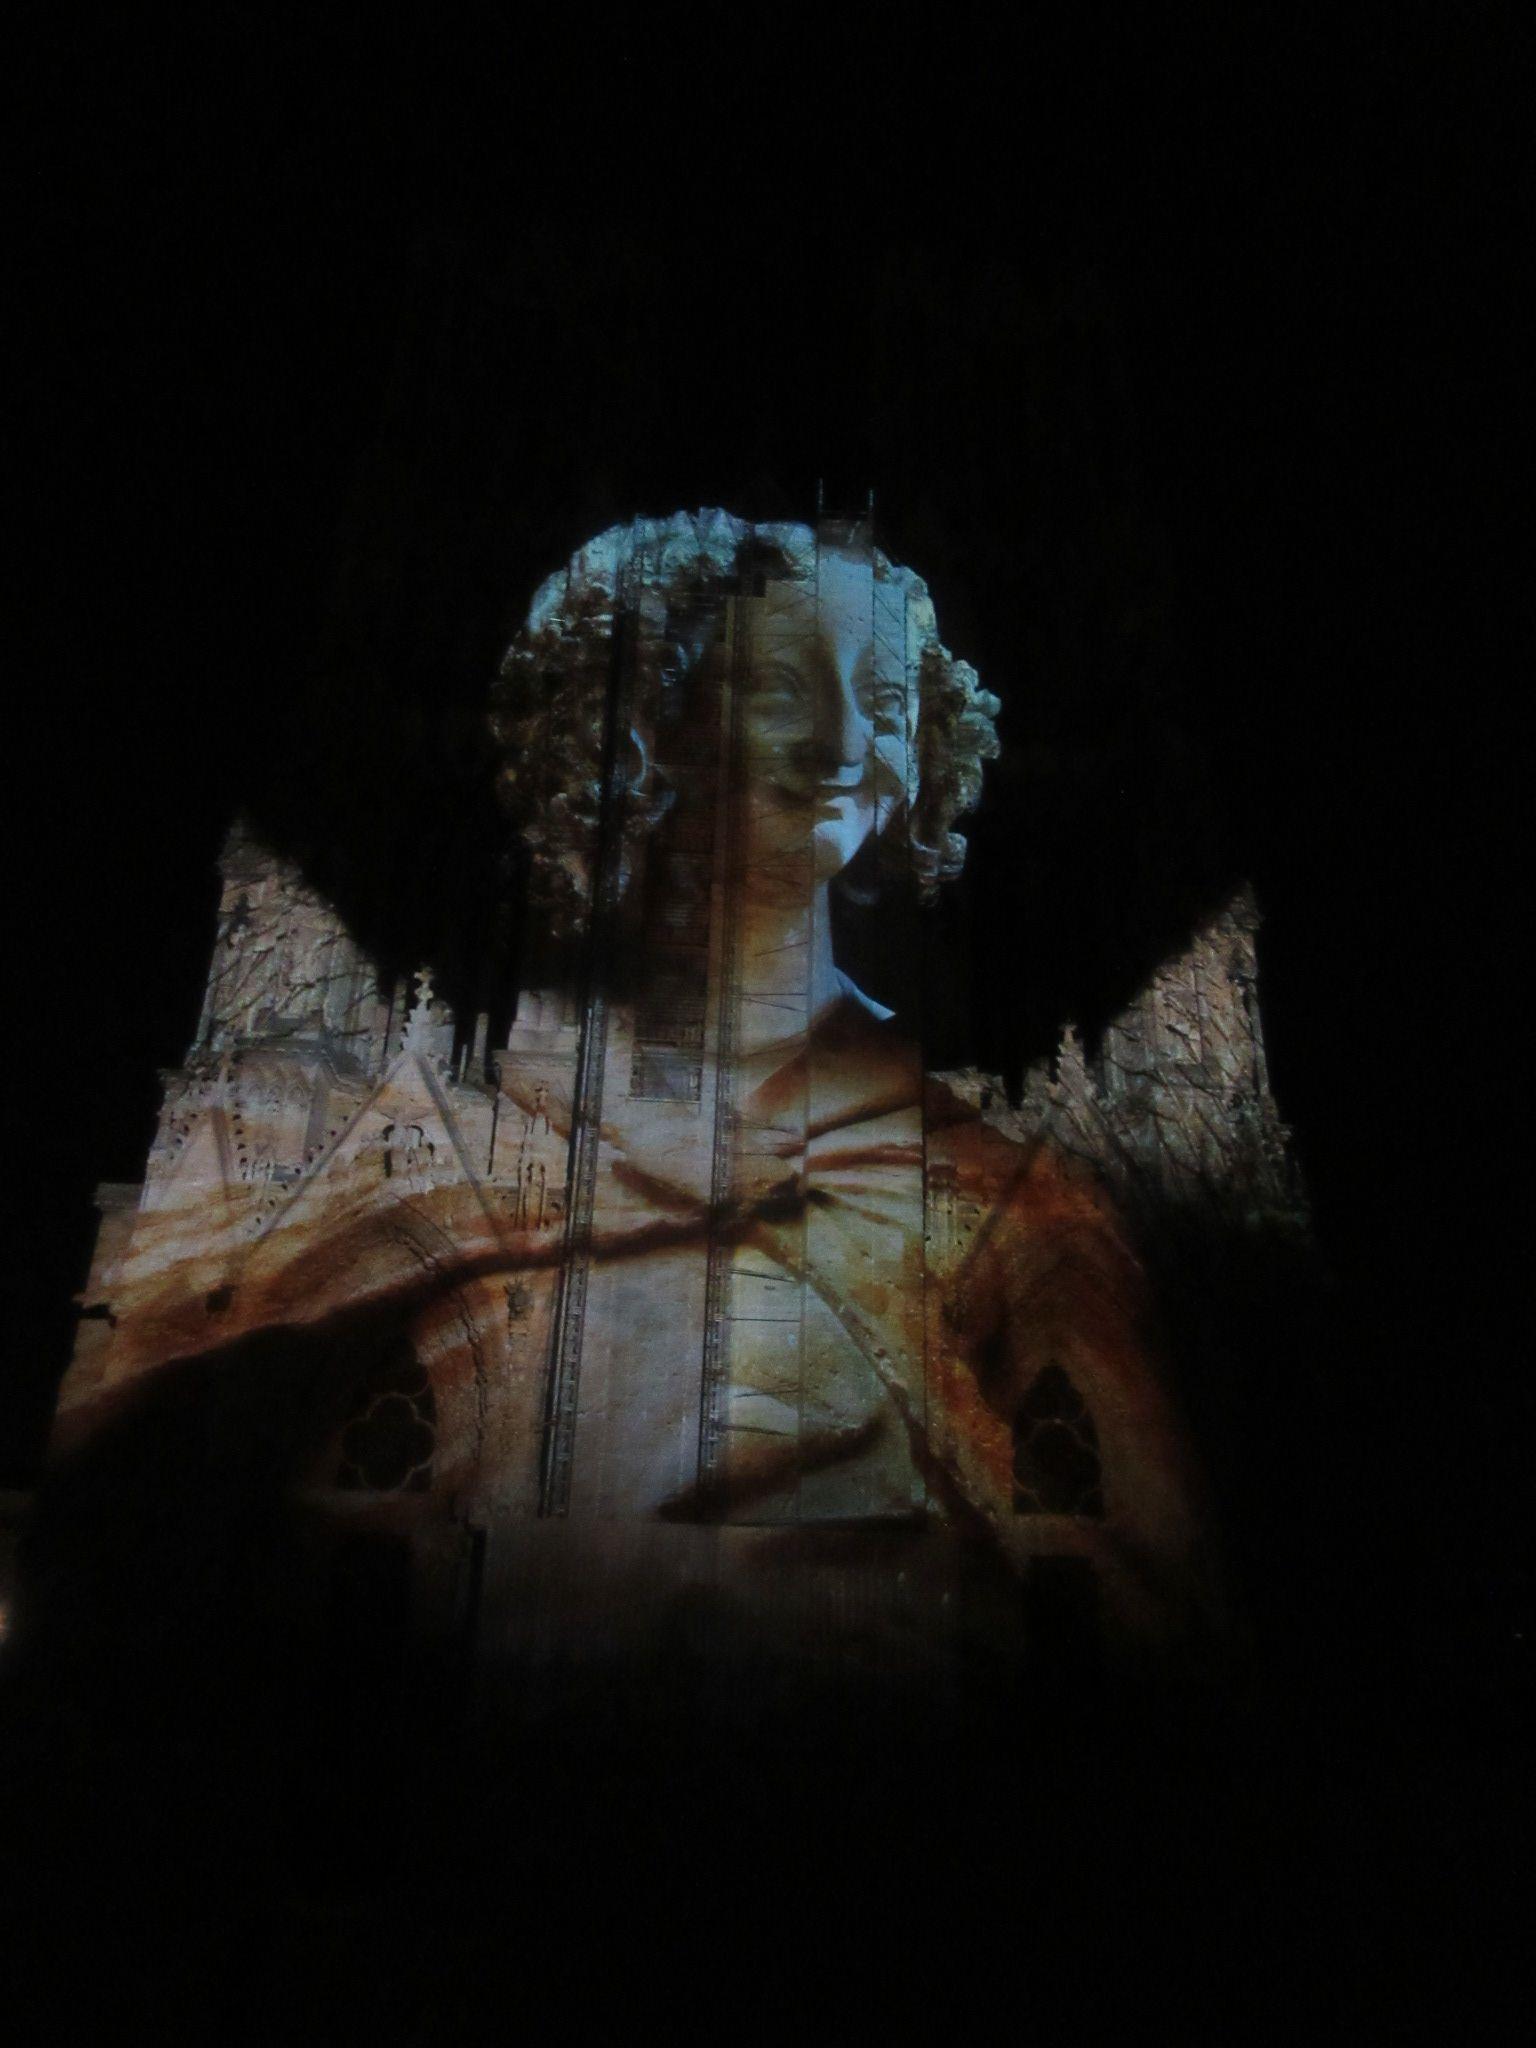 O espetáculo de luzes - Revê de Couleur - na Notre Dame de Heims, na região de Champanhe, na França, transporta o espectador a uma outra dimensão da matéria, aquela, na qual a tecnologia comunga com a arte. http://www.pan-horamarte.com.br/blog/viaje-em-outra-dimensao-nas-luzes-de-notre-dame-de-reims/